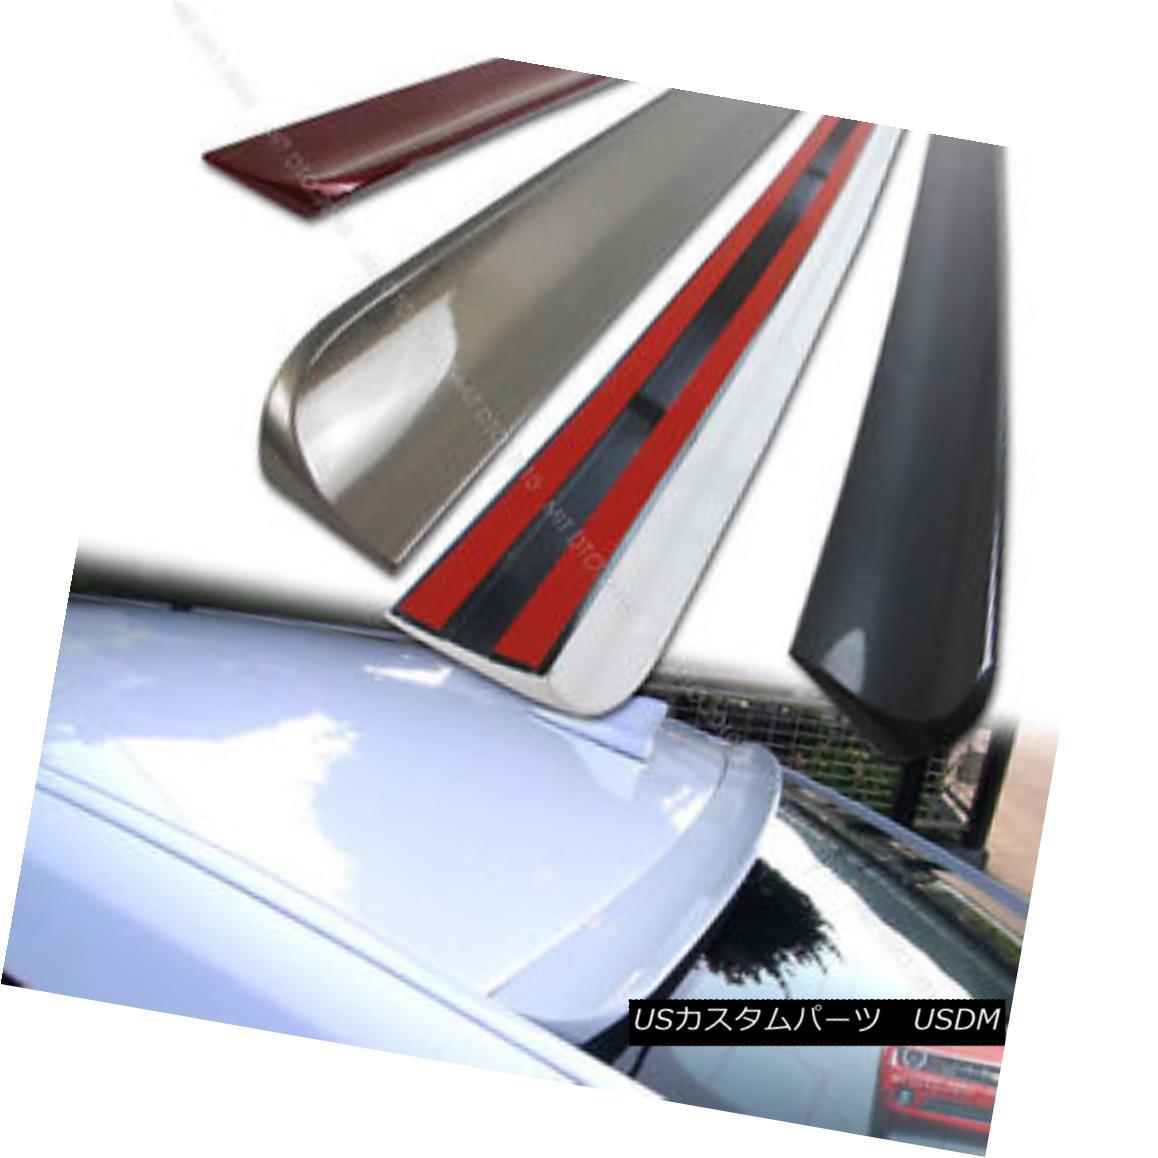 エアロパーツ Painted For Lexus GS300 400 430 4DR Sedan RS Window Rear Roof Spoiler § レクサスGS300 400 430用4DRセダンRSウインドリアルーフスポイラー塗装